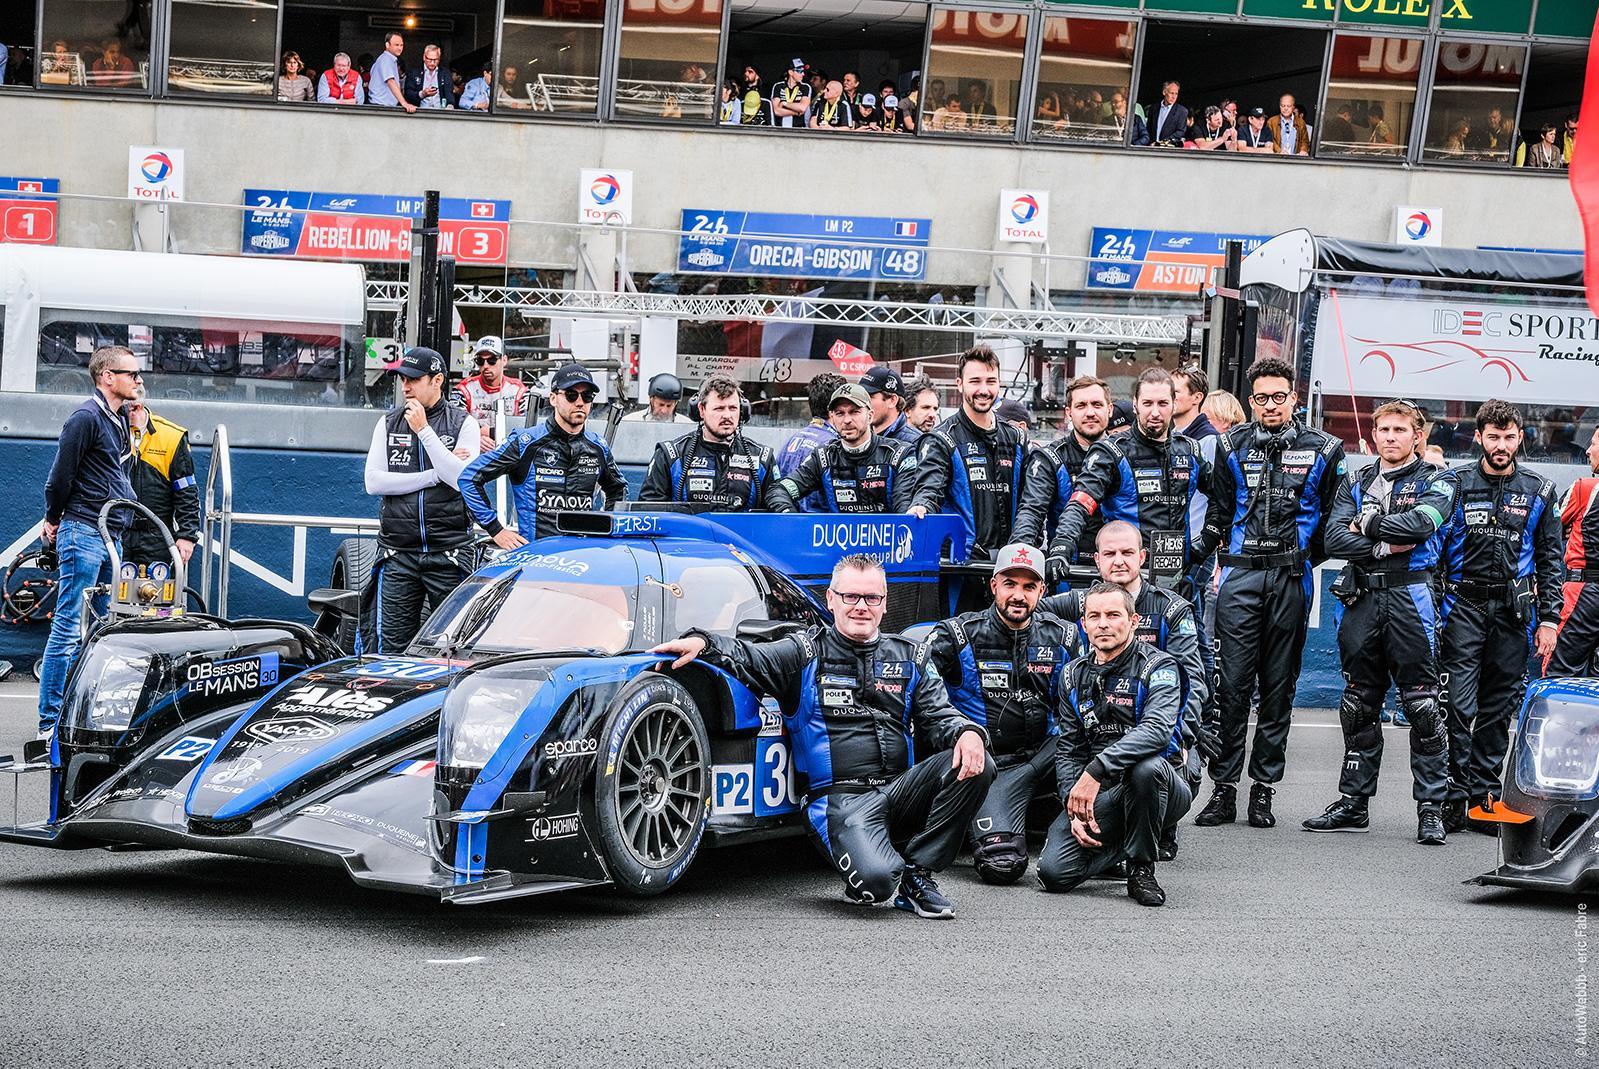 Team Duqueine, 24h du Mans 2019